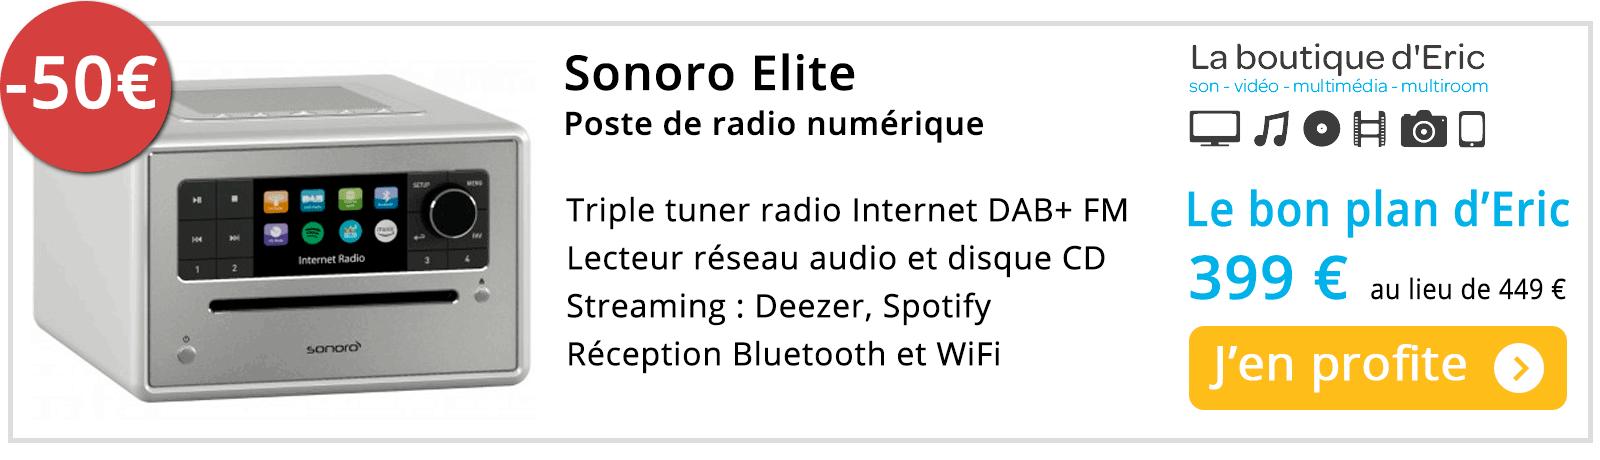 Sonoro Elite Meilleur prix avec une réduction de 50 € sur La boutique d'Eric